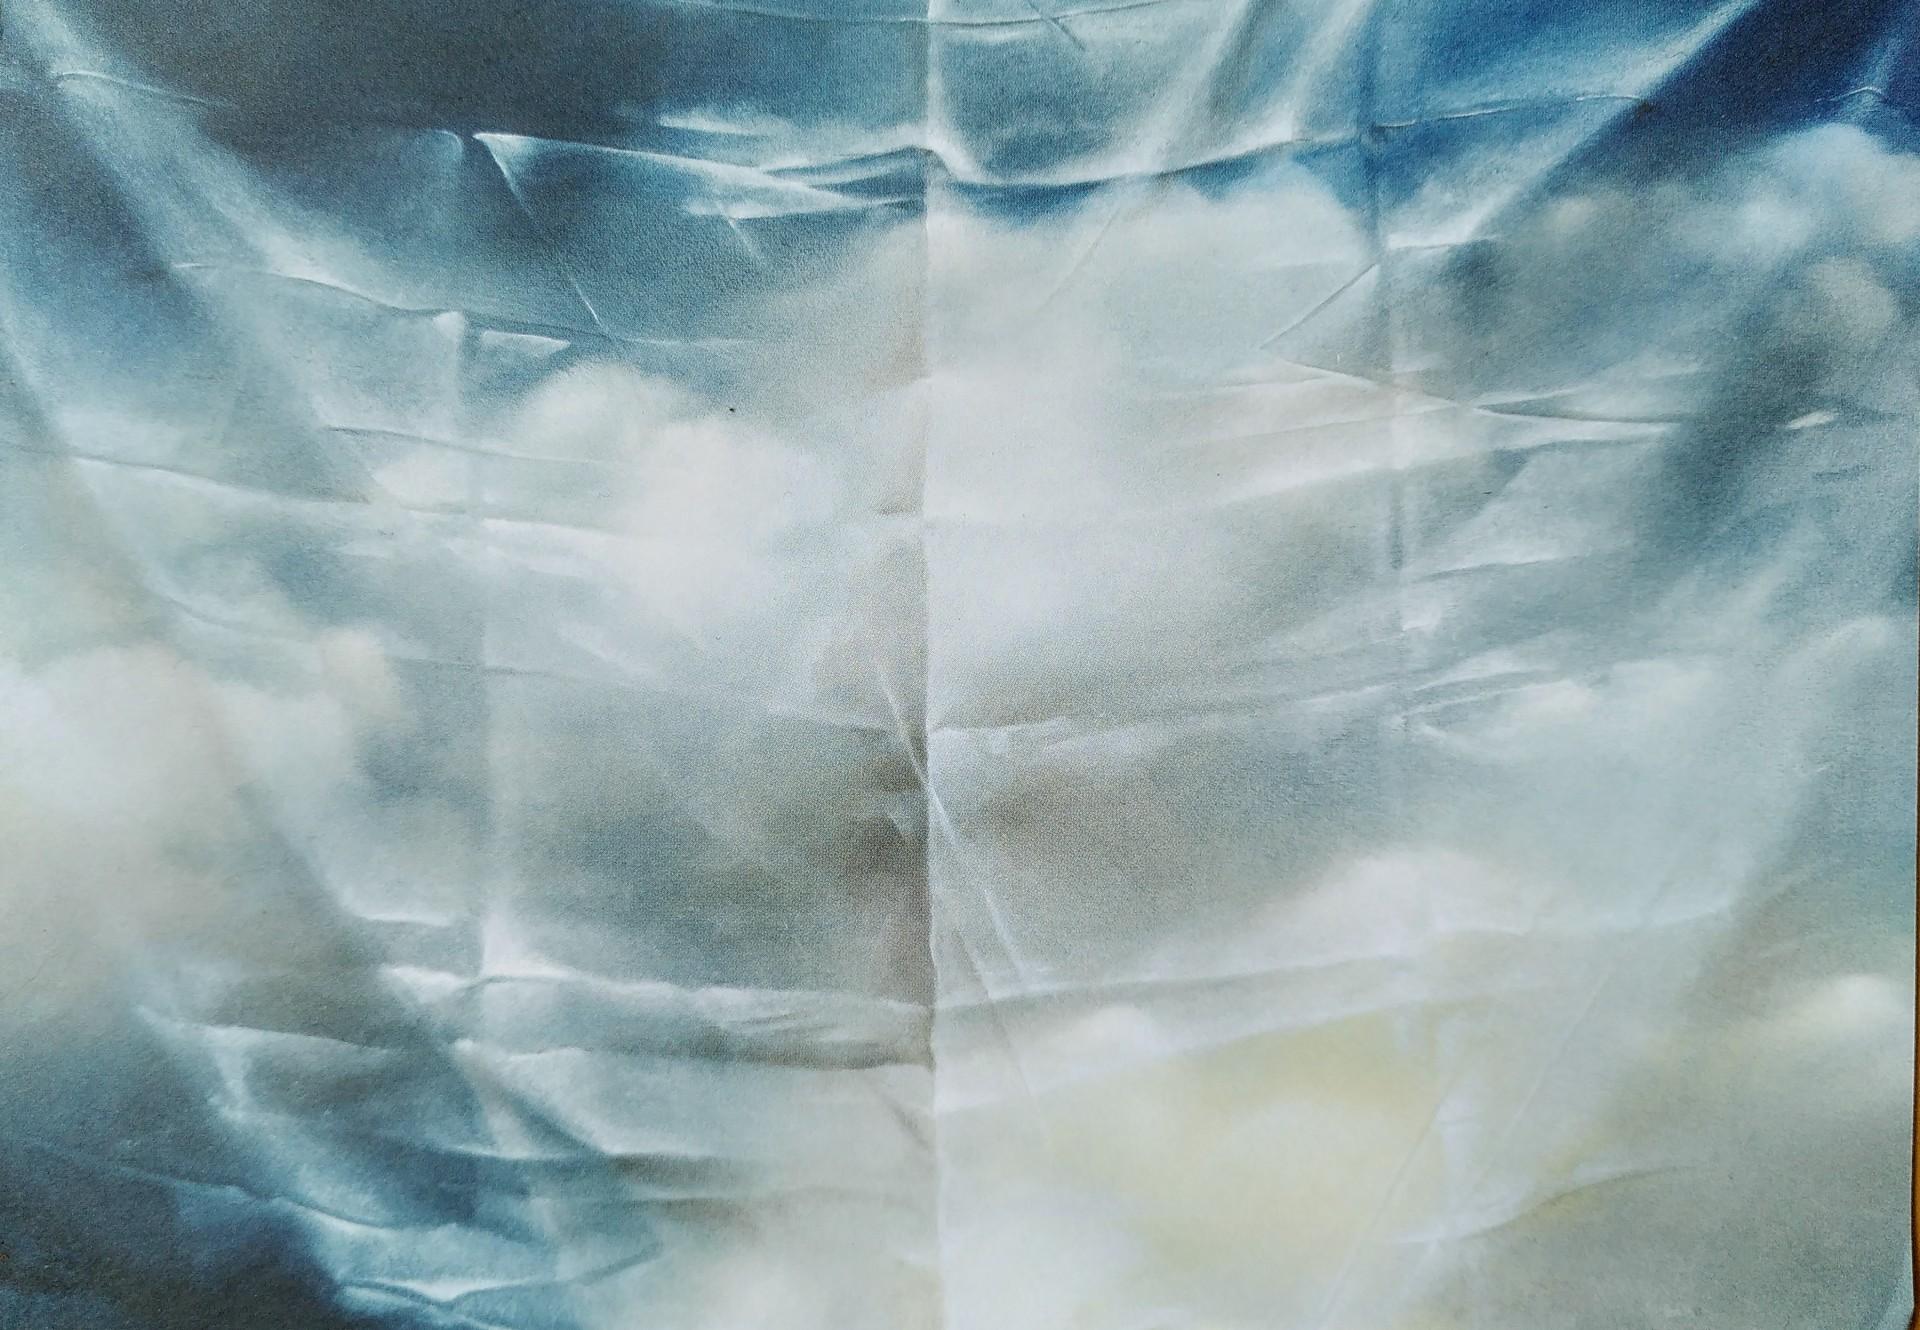 HIMMELN Ausstellung Gabriela Zumstein    Die Vernissage mit der Lesung von Anna Schindler zu Wind und Wolken ist verschoben auf das Frühjahr 2022